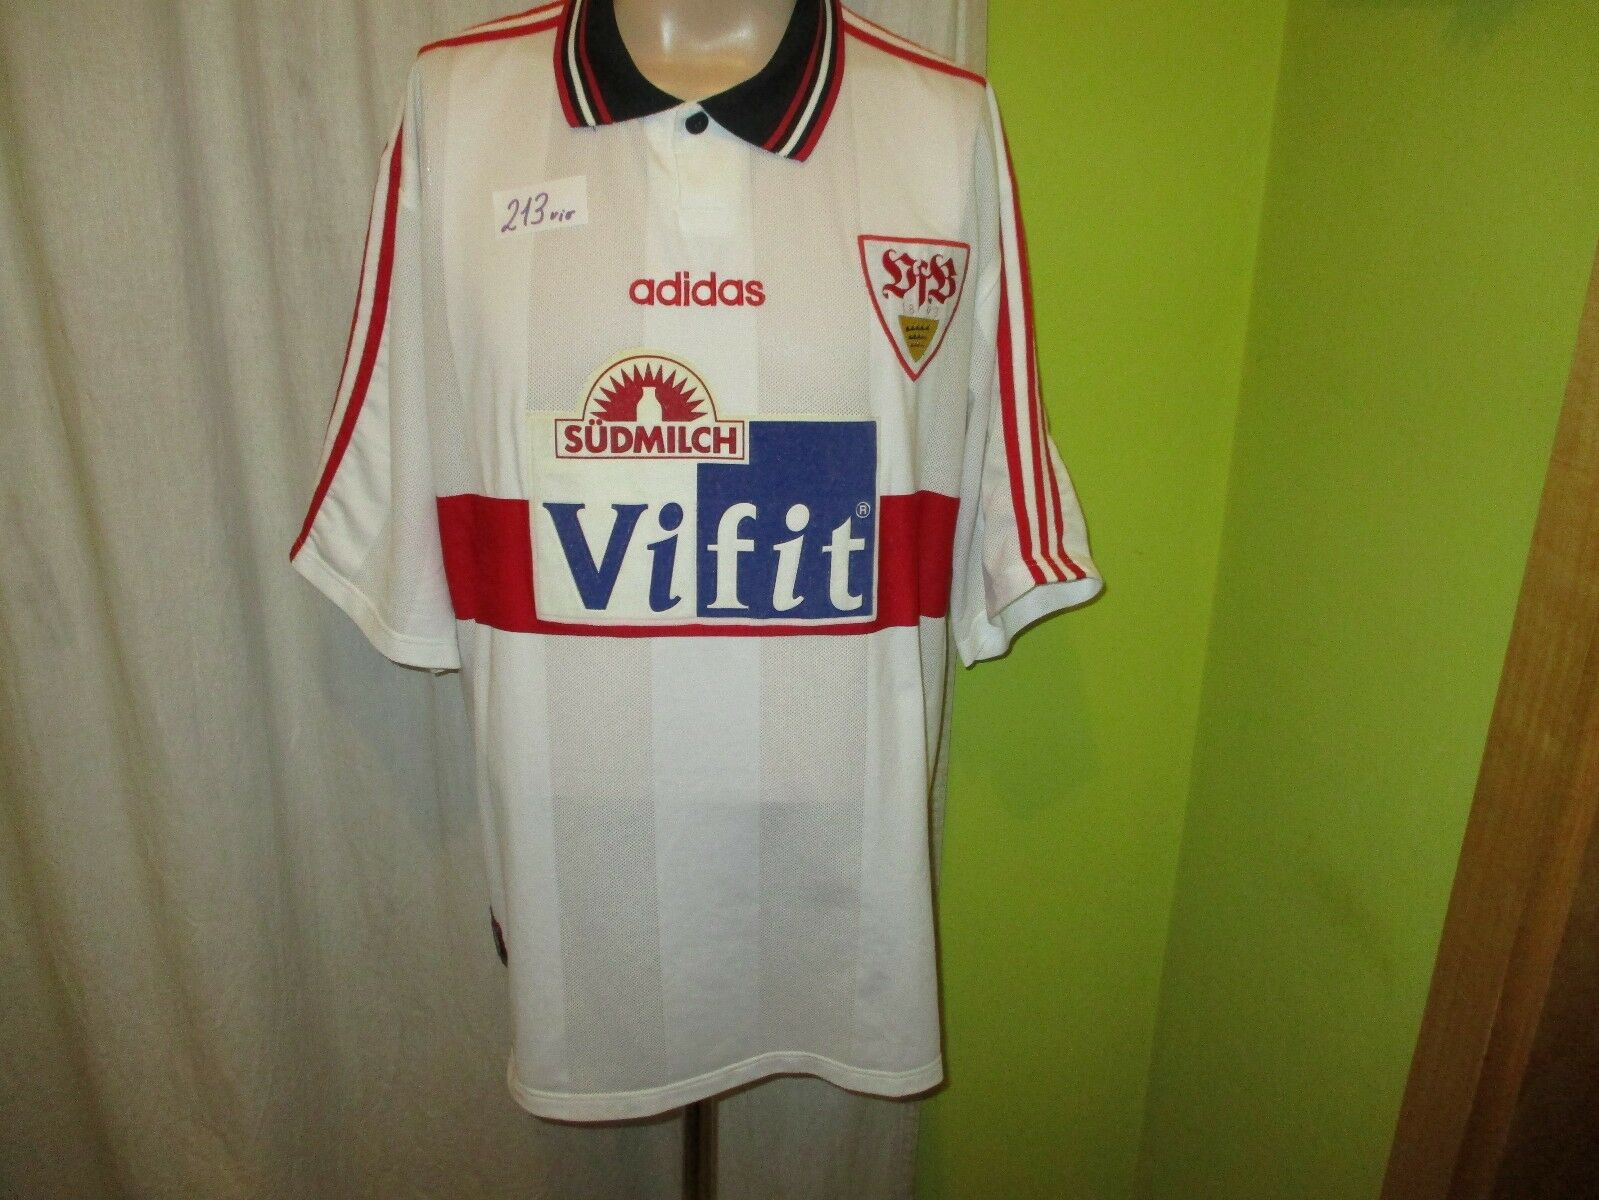 VfB Stuttgart Original Adidas Trikot 1996 97  Vifit Südmilch  Gr.XXL TOP    Schön und charmant